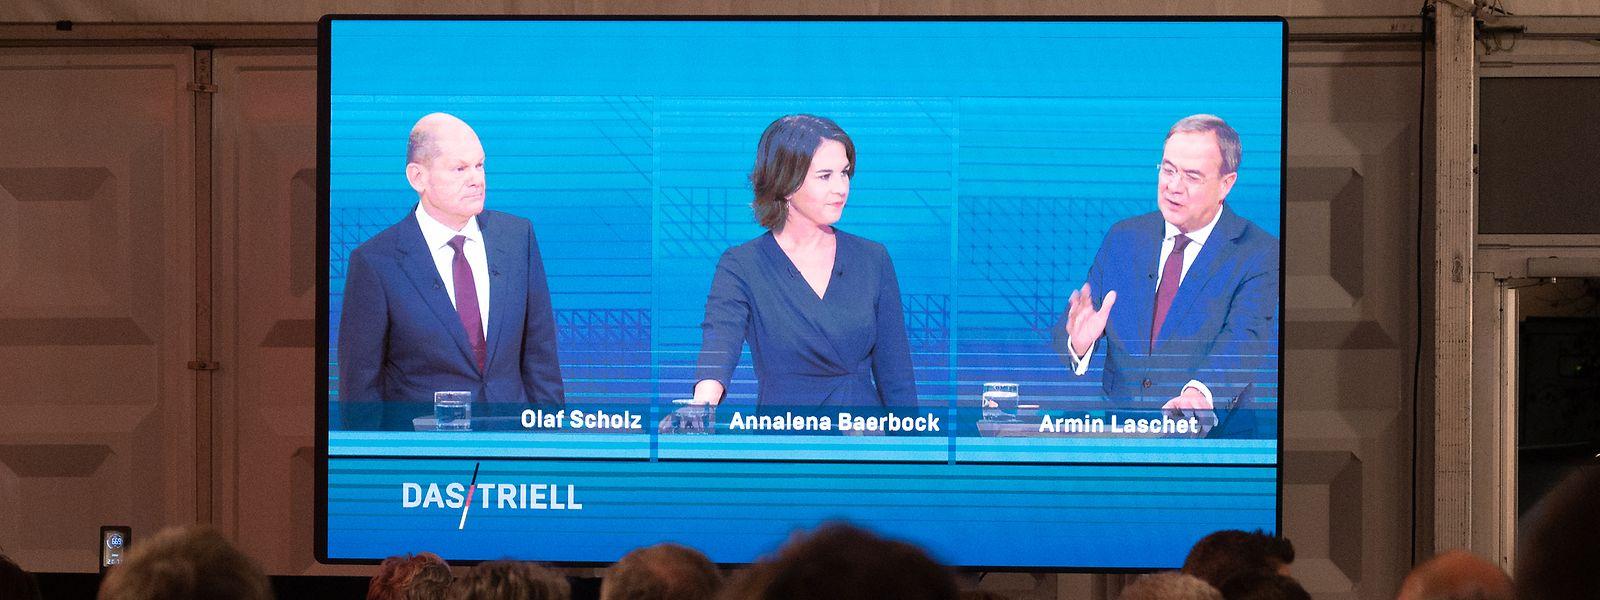 Kanzlerkandidat Olaf Scholz (SPD, l-r), Kanzlerkandidatin Annalena Baerbock (Bündnis90/Die Grünen) und Kanzlerkandidat Armin Laschet (CDU) sind während des Triells auf einem Bildschirm zu sehen.